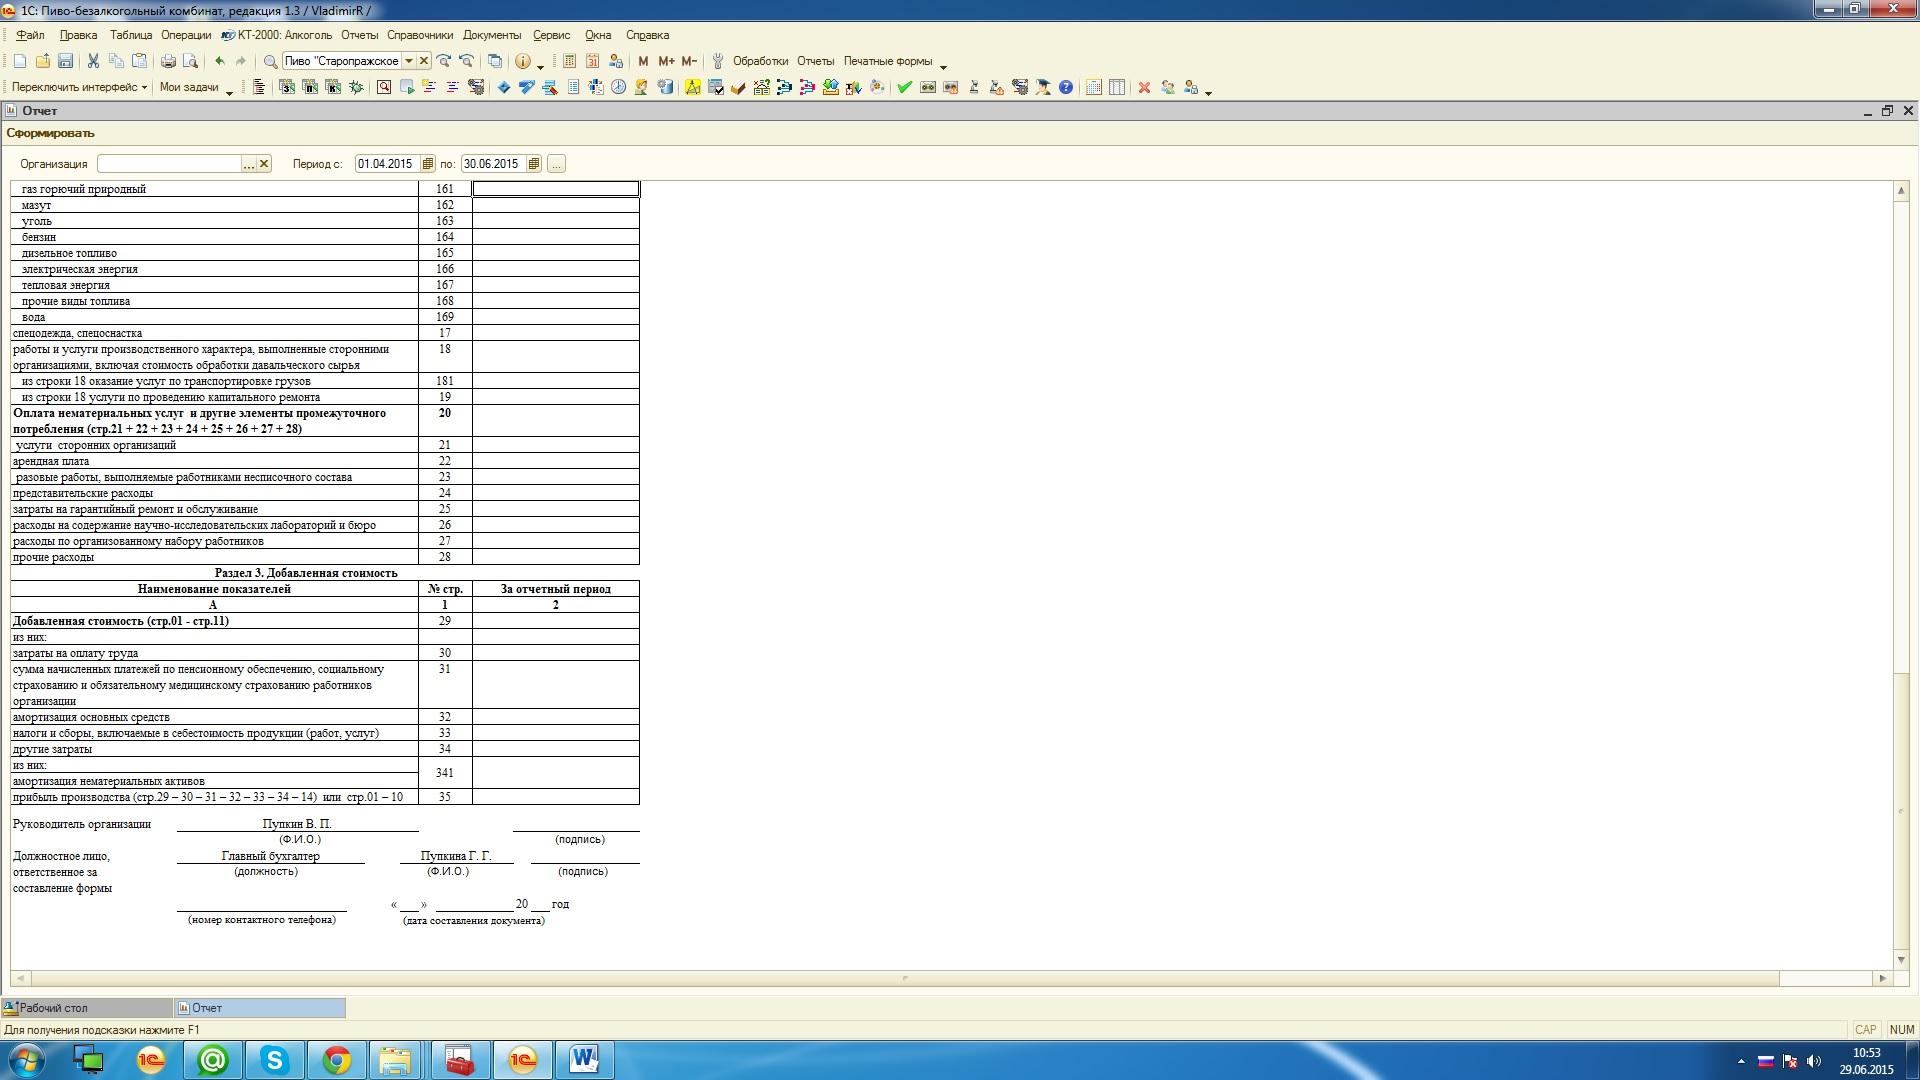 статистика приложение 3 к форме п-1 бланк